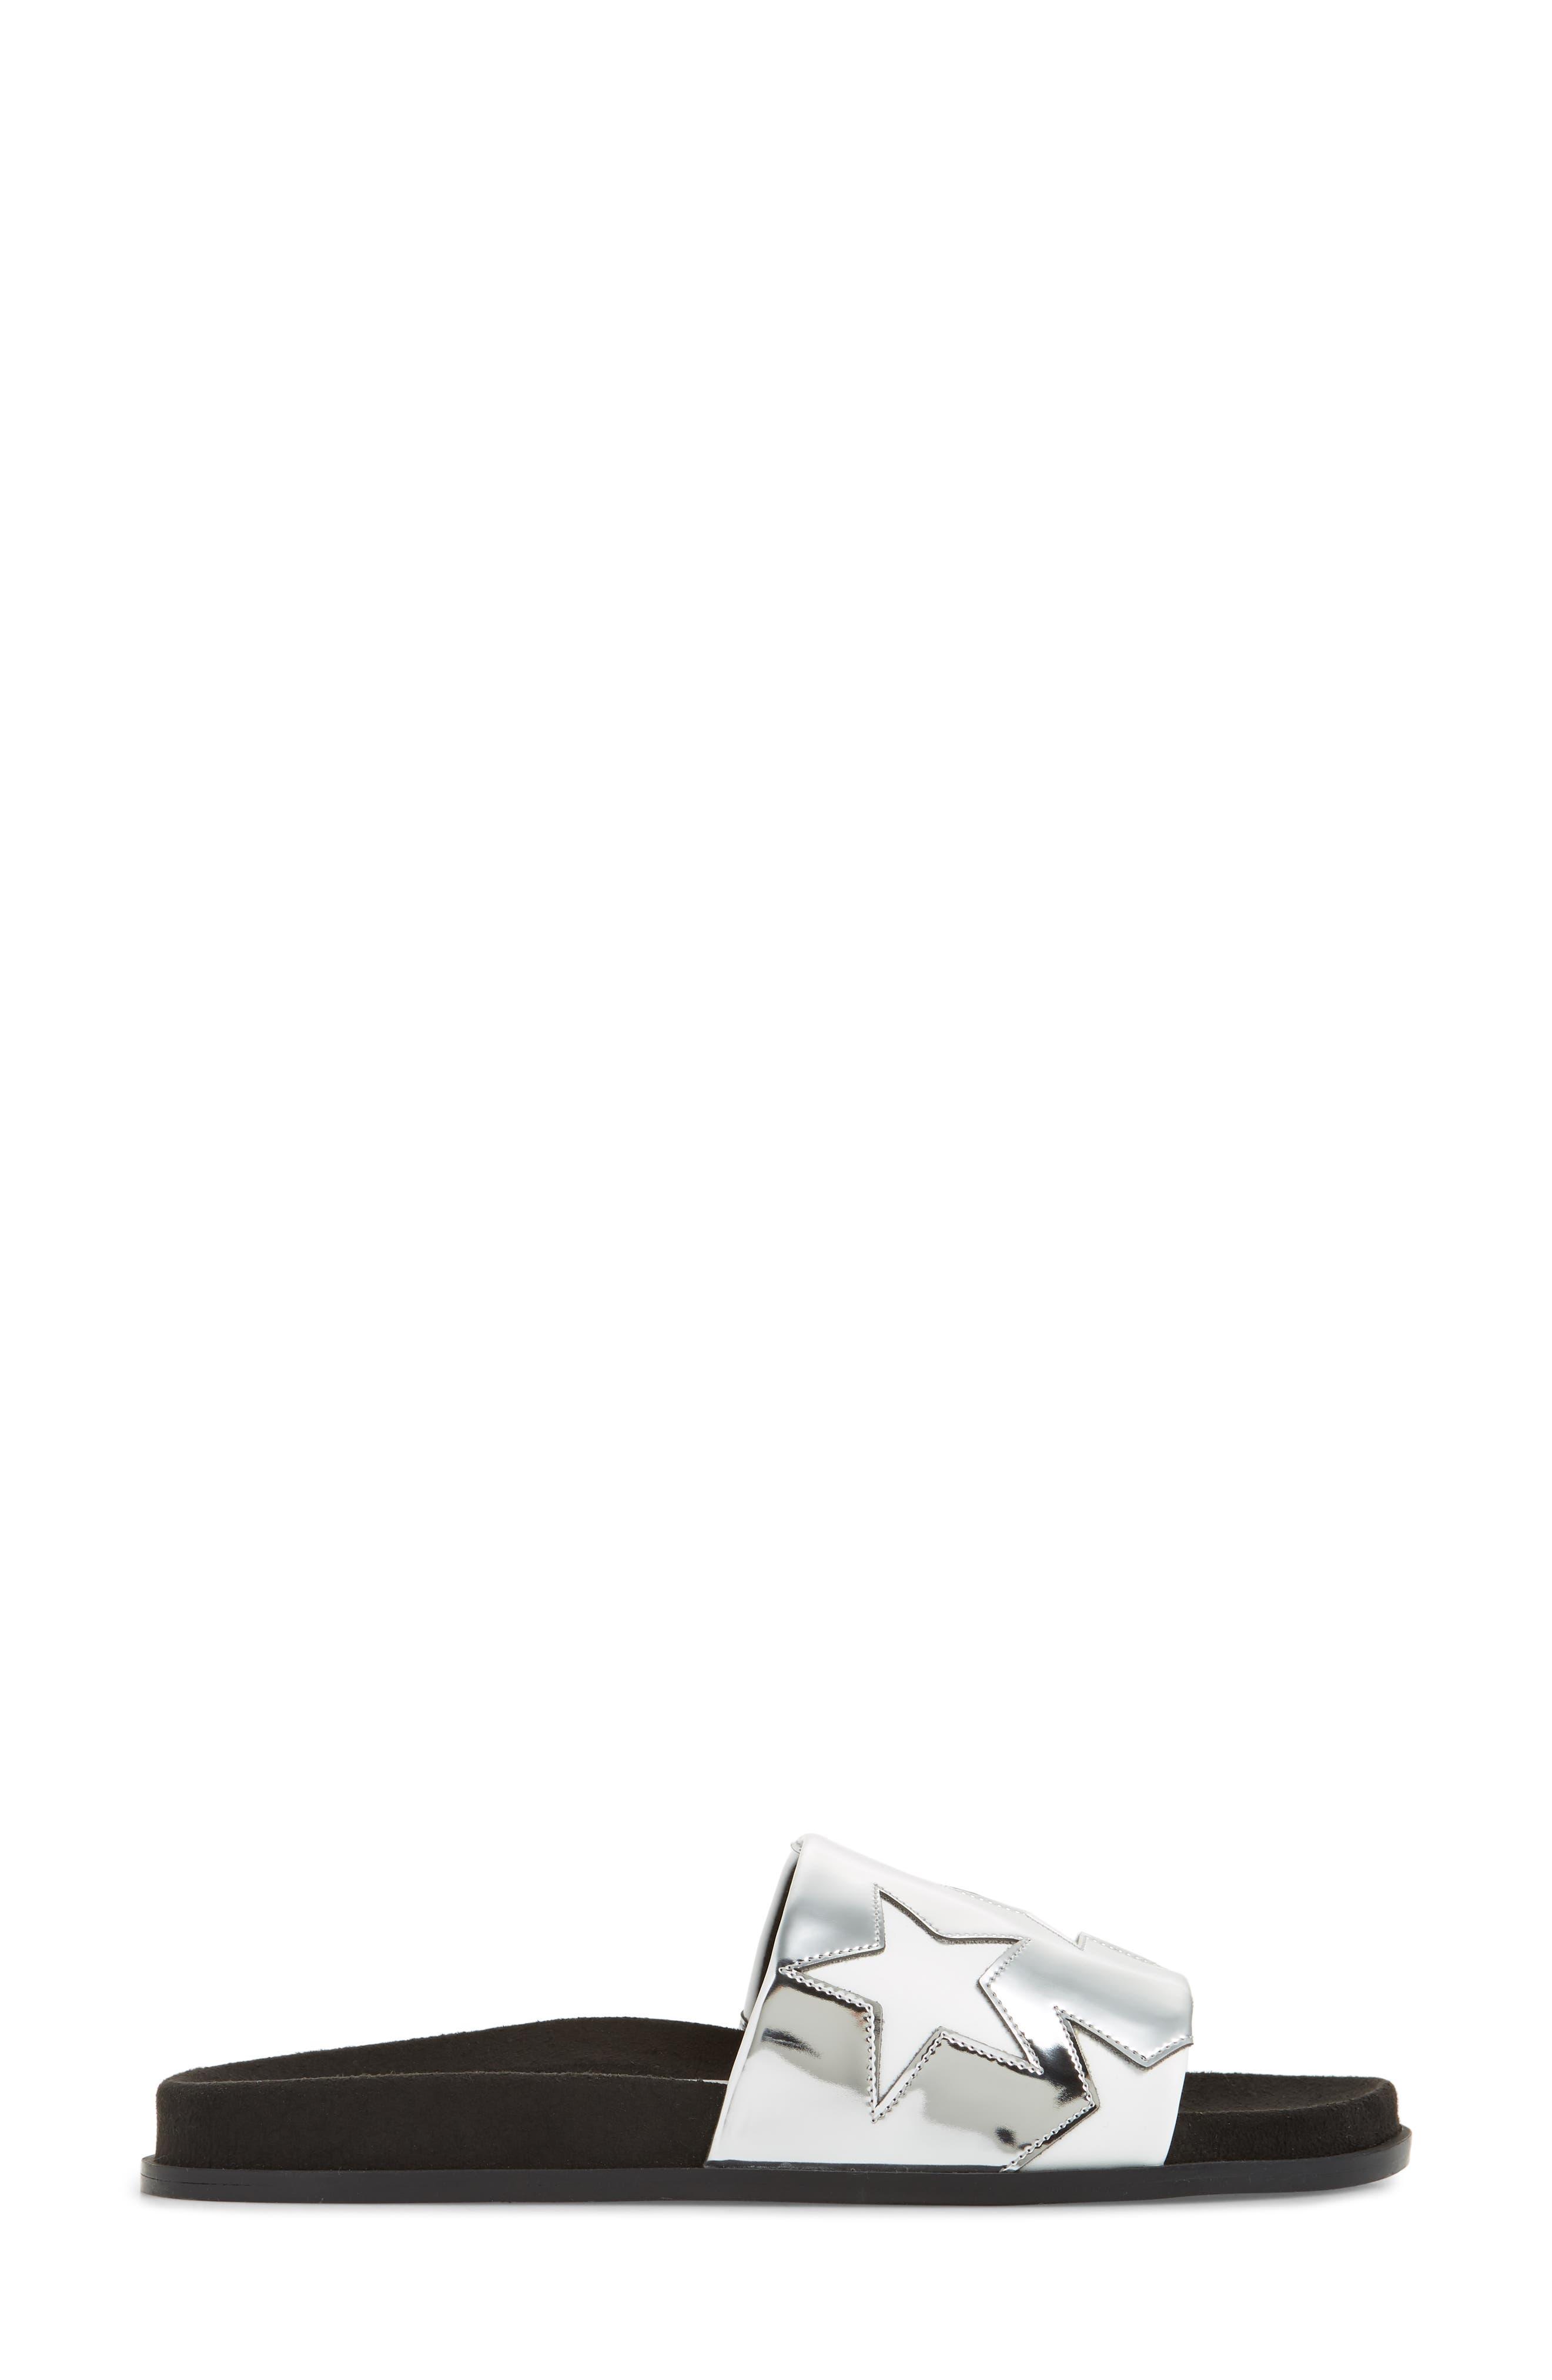 STELLA MCCARTNEY,                             Star Slide Sandal,                             Alternate thumbnail 3, color,                             041